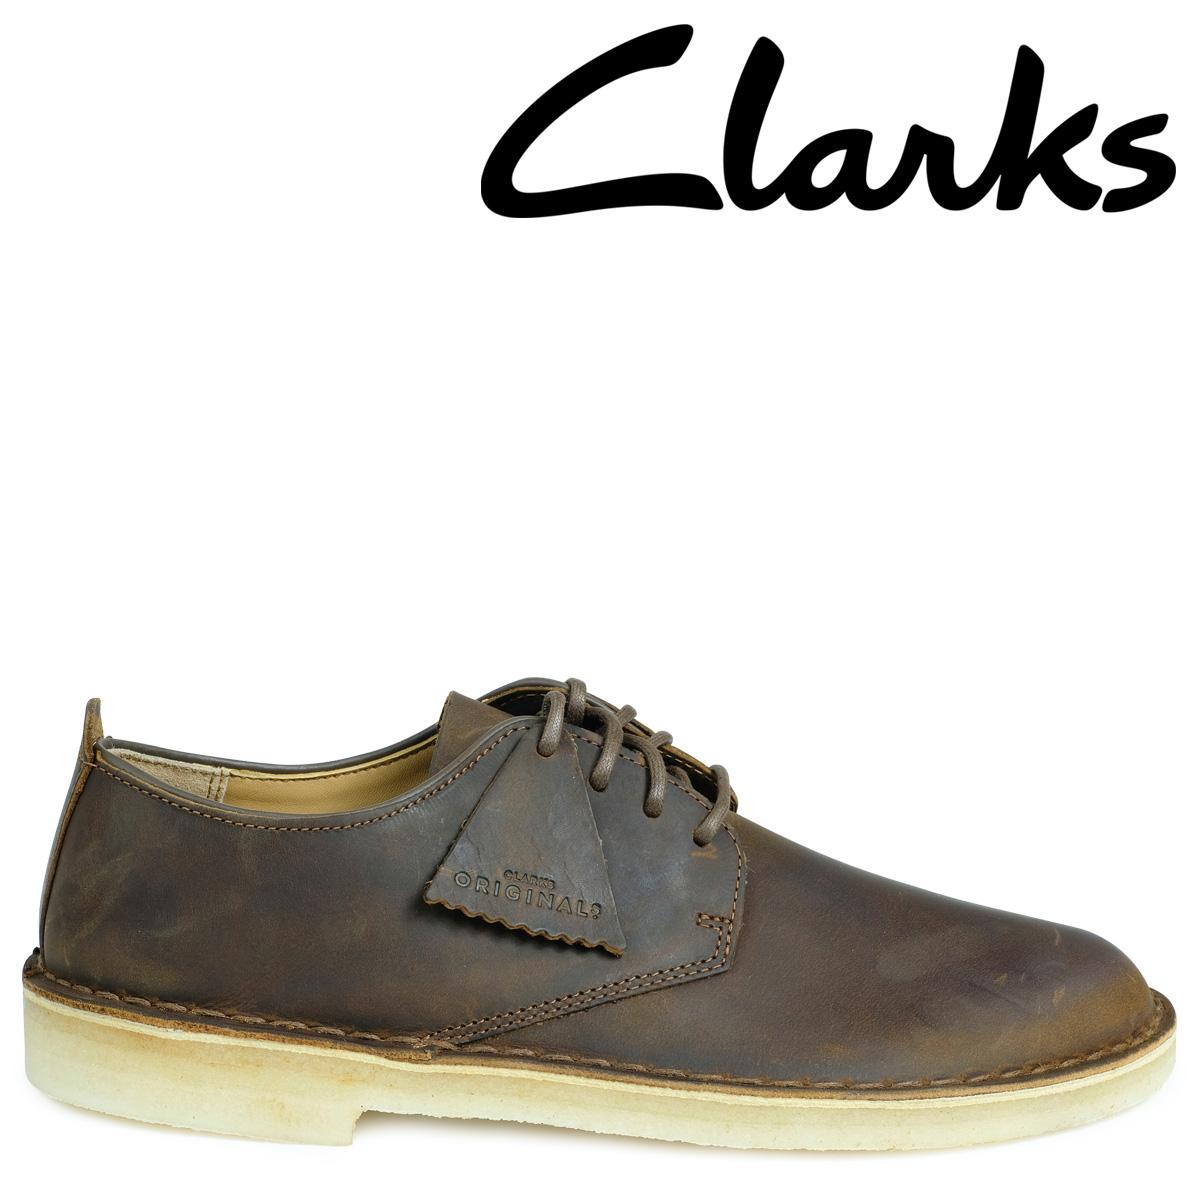 Clarks デザート ロンドン シューズ クラークス メンズ DESERT LONDON 26107880 靴 ブラウン